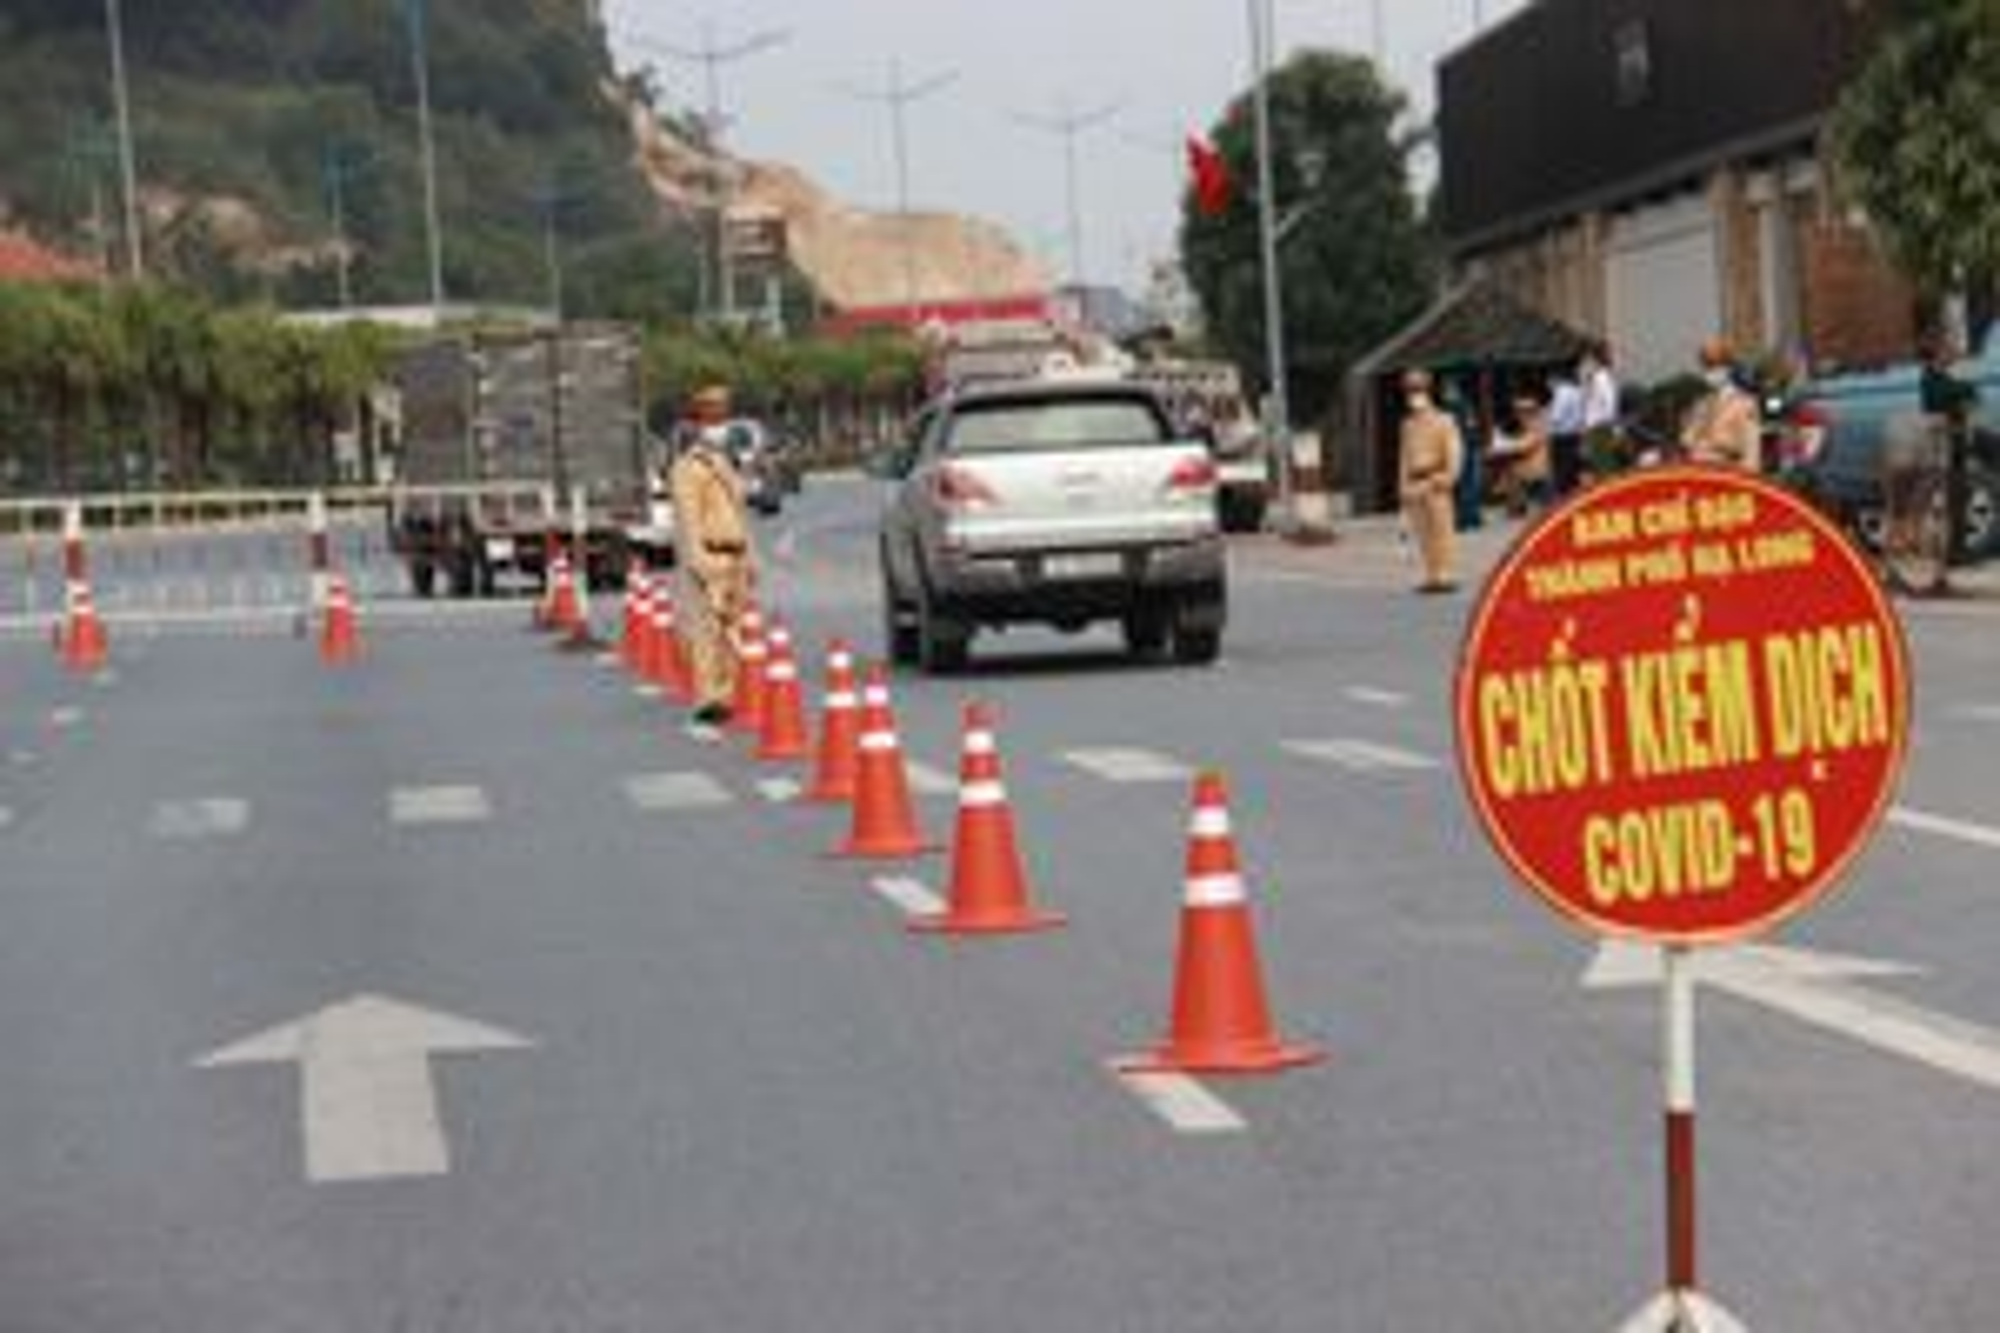 Quảng Ninh mở lại các tuyến xe khách liên tỉnh trừ vùng có dịch